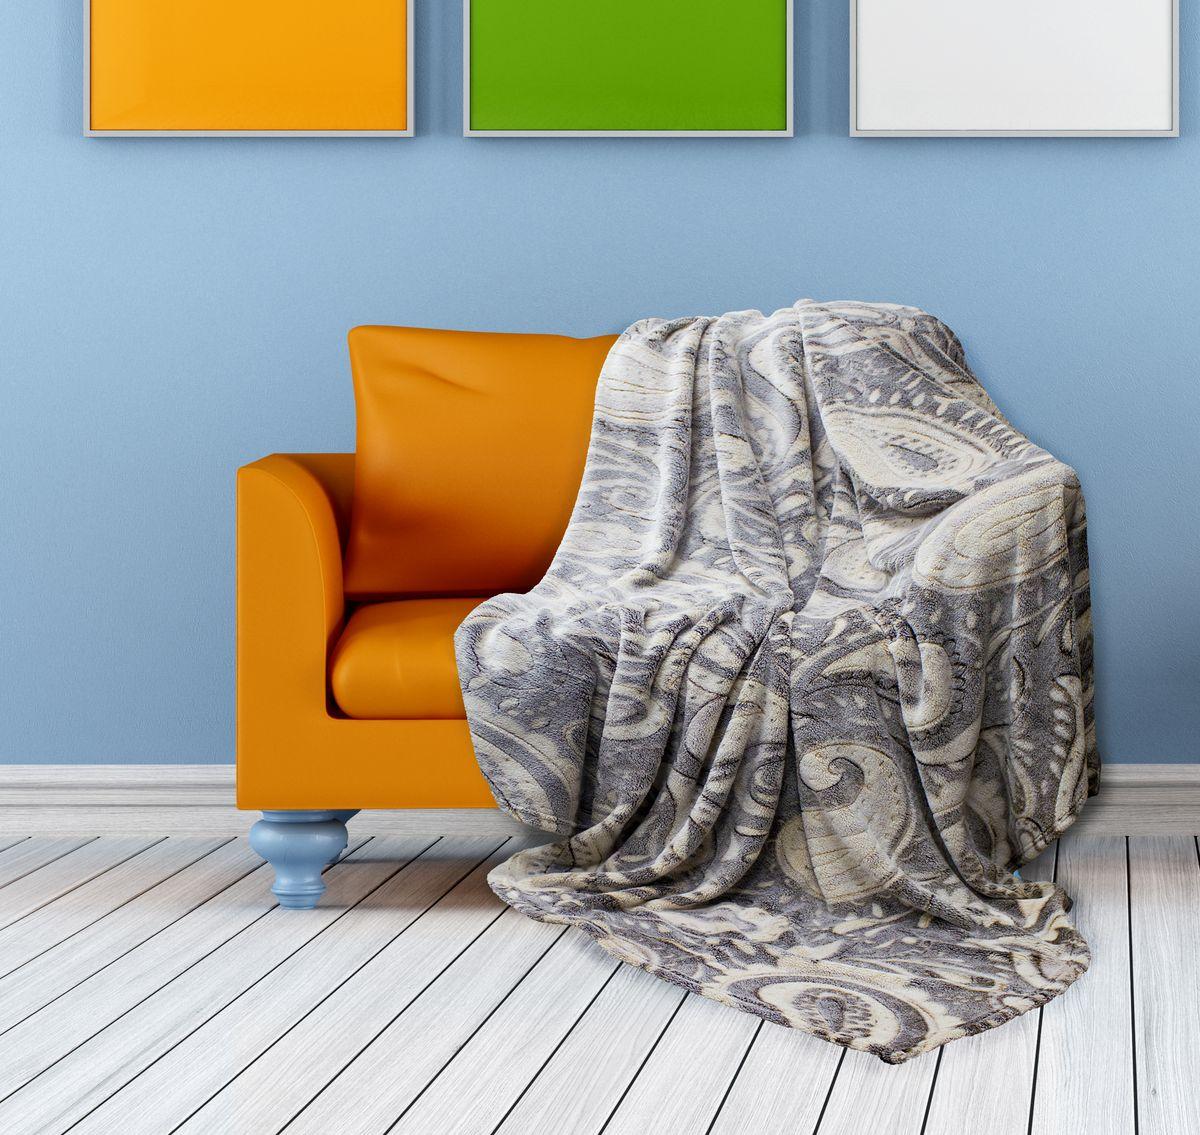 Плед Buenas Noches Bamboo, цвет: серый, бежевый, 150 х 200 см. 6953769537Плед Buenas Noches Bamboo - идеальное решение для вашего интерьера. Он порадует вас легкостью, нежностью и оригинальным дизайном. Плед выполнен из 100% полиэстера и декорирован оригинальным орнаментом. Полиэстер считается одной из самых популярных тканей. Это материал синтетического происхождения из полиэфирных волокон. Изделия из полиэстера не мнутся и легко стираются. После стирки очень быстро высыхают. Плед - это такой подарок, который будет всегда актуален, особенно для ваших родных и близких, ведь вы дарите им частичку своего тепла!